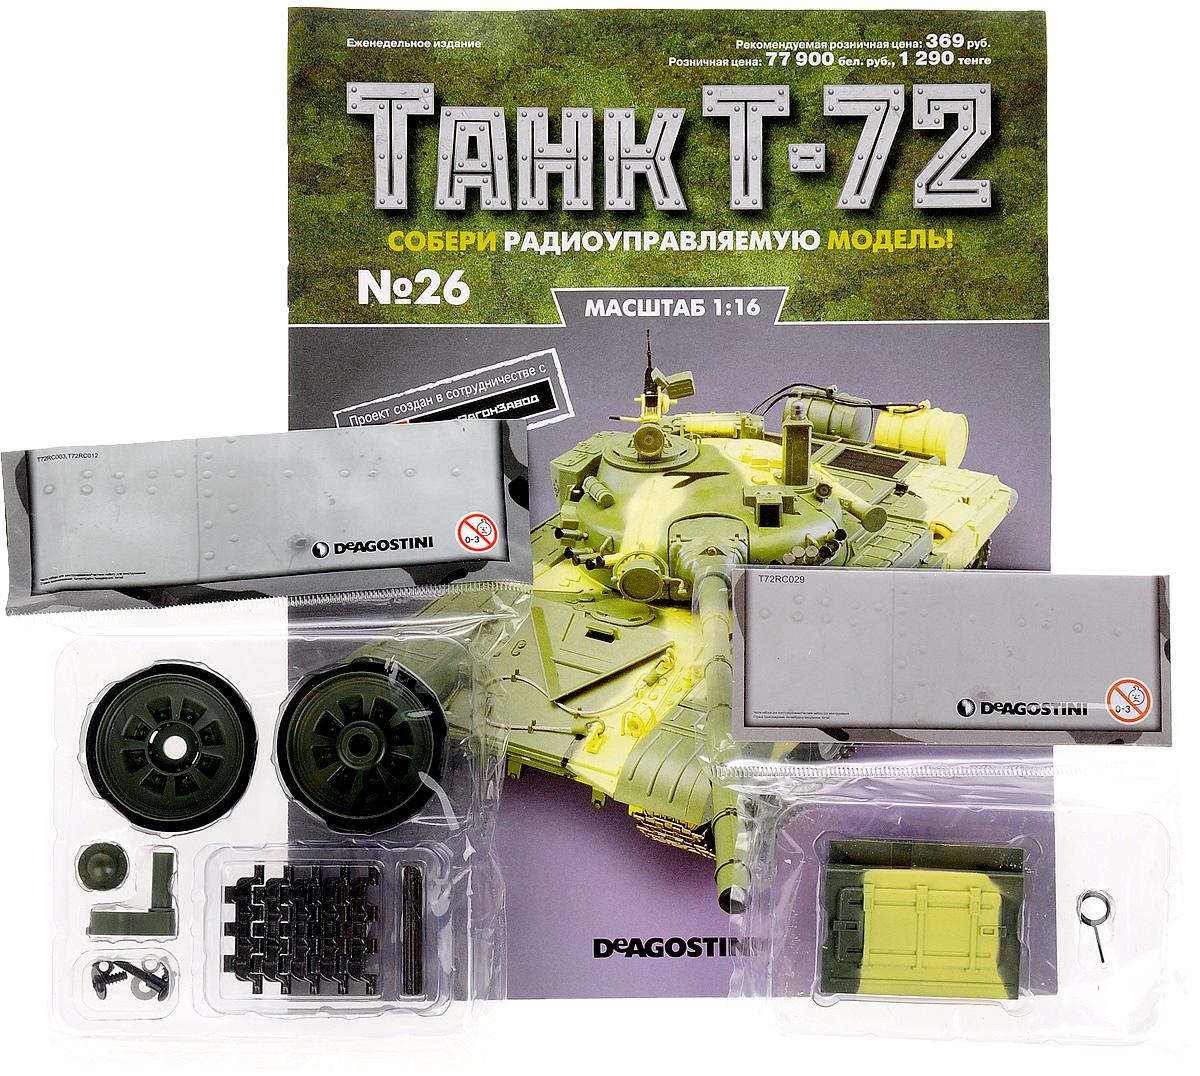 Журнал Танк Т-72 №26TRC026Перед вами - журнал из уникальной серии партворков Танк Т-72 с увлекательной информацией о легендарных боевых машинах и элементами для сборки копии танка Т-72 в уменьшенном варианте 1:16. У вас есть возможность собственноручно создать высококачественную модель этого знаменитого танка с достоверным воспроизведением всех элементов, сохранением функций подлинной боевой машины и дистанционным управлением. В комплекте: 1. Опорный каток (внутренняя часть) 2. Опорный каток (внешняя часть) 3. Торсионная подвеска 4. Шайба 5. Пружинная шайба 6. Гайка 7. Диск-венец (колпак) 8. Контактный шуруп колеса 9. Болт колесный 10. Пружина 11. Траки (5 шт) 12. Штифты (5 шт) 13. Первая часть надгусеничной полки левого борта 14. Винты (2 шт) Категория 16+.